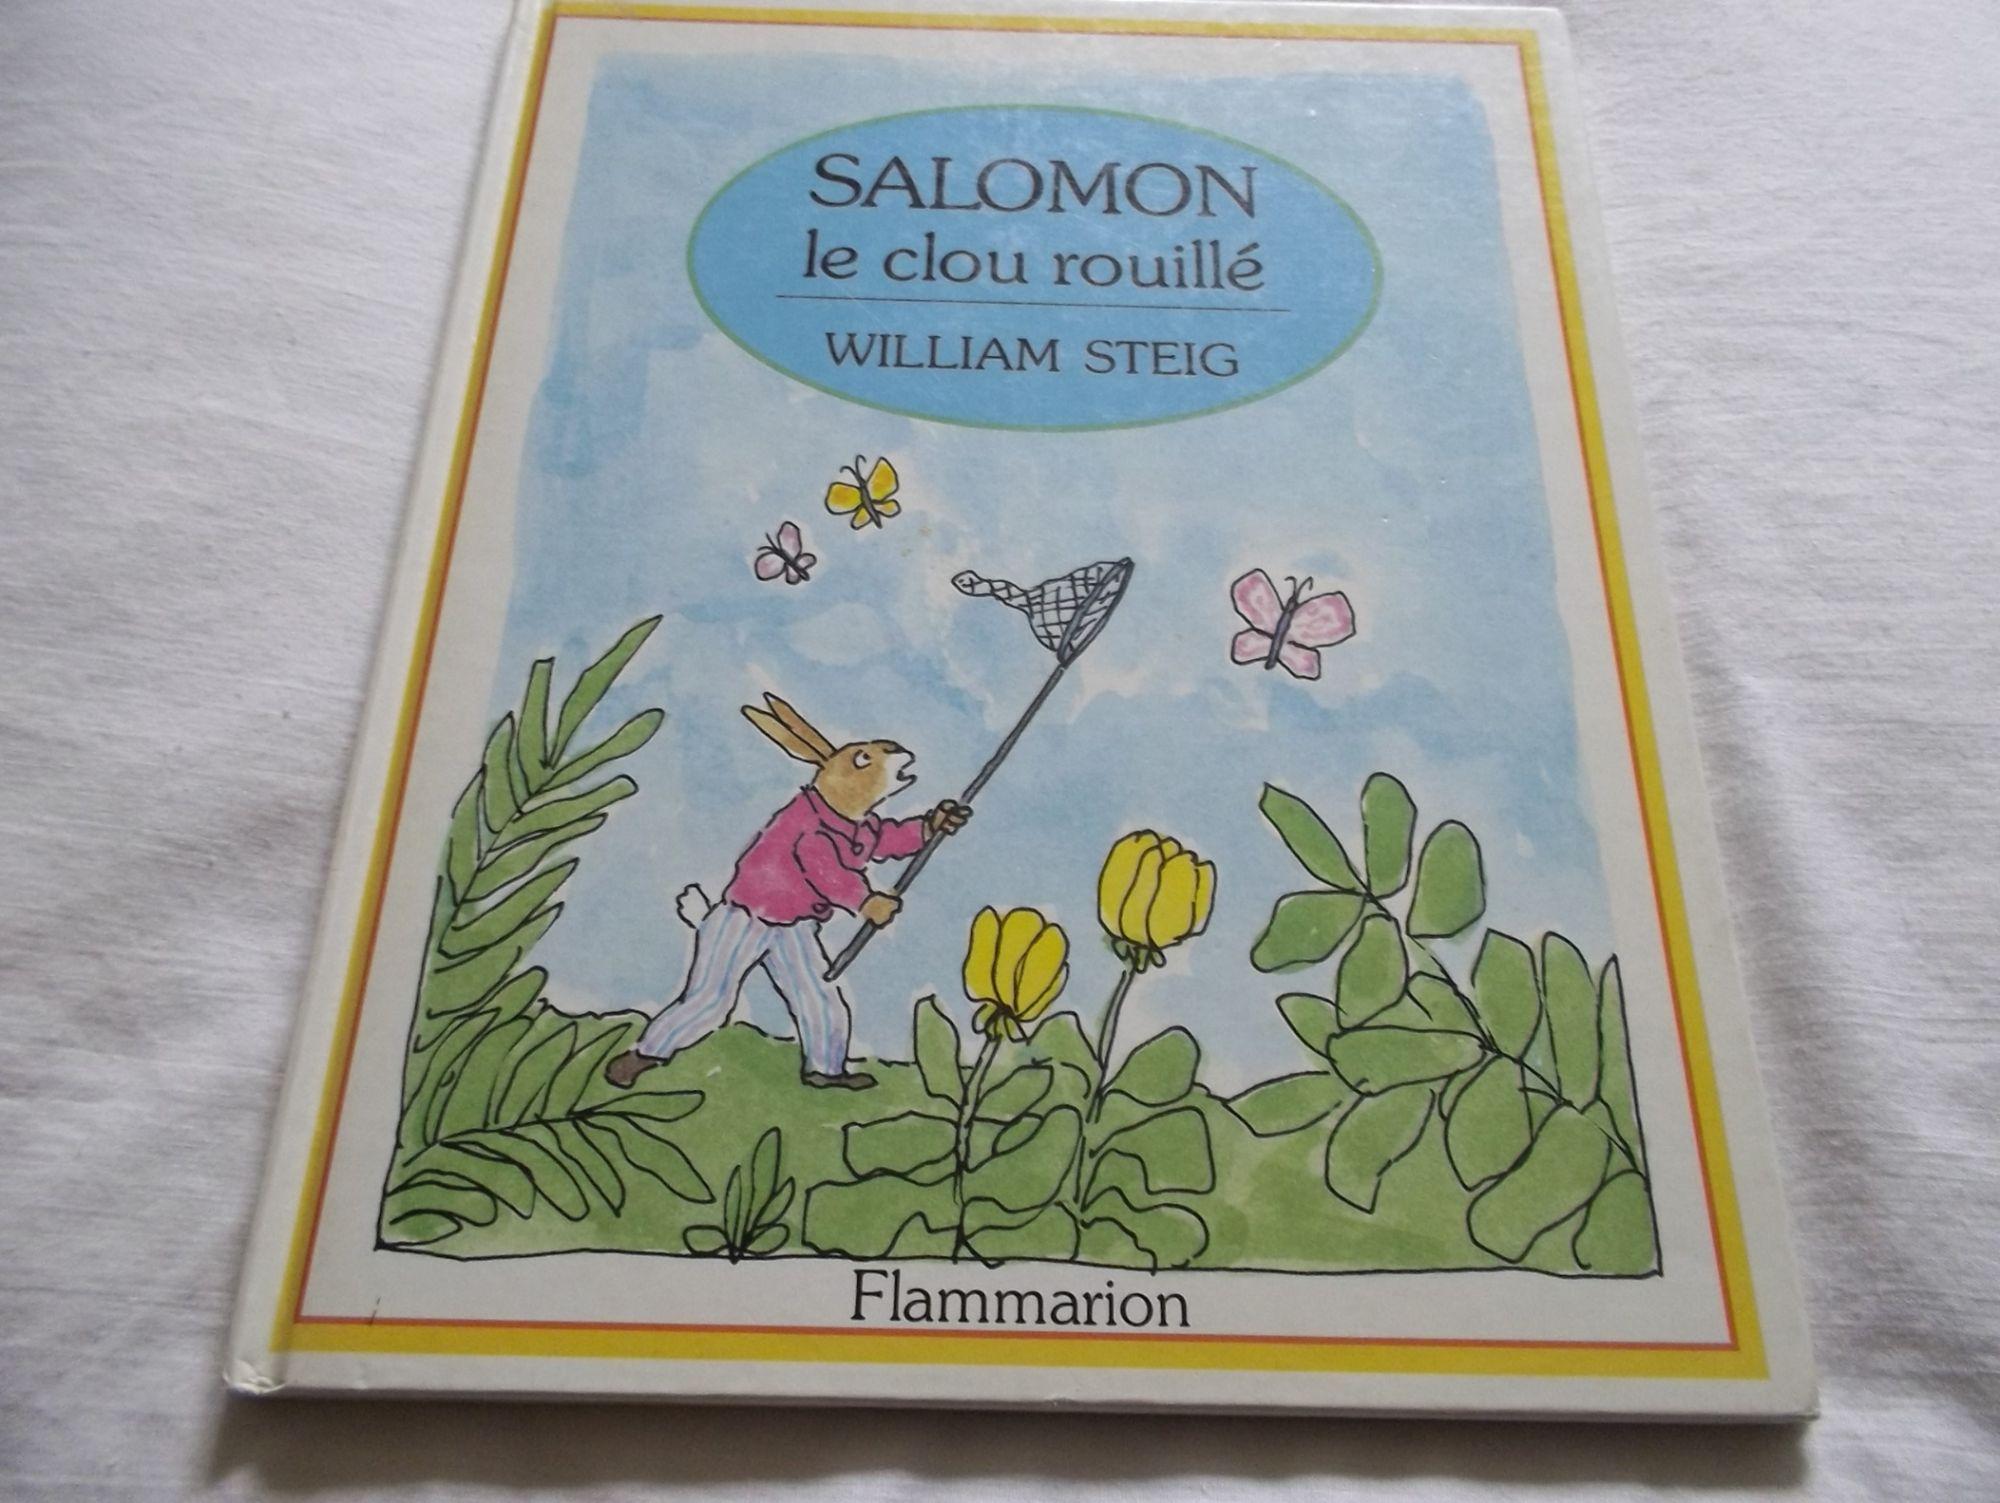 Salomon, le clou rouille